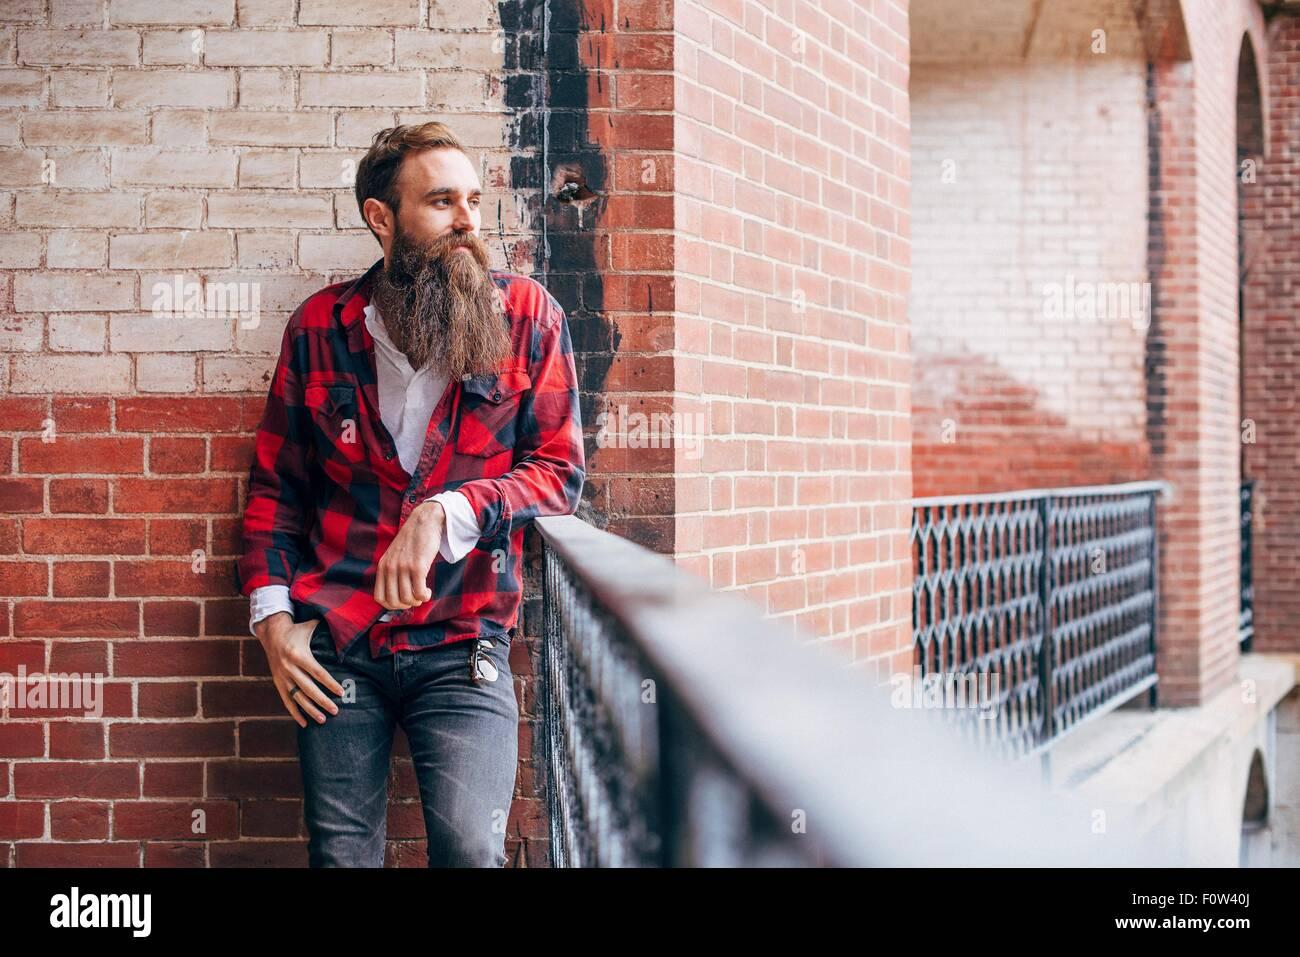 Mann mit Bart, stützte sich auf Balkon wegschauen Stockbild